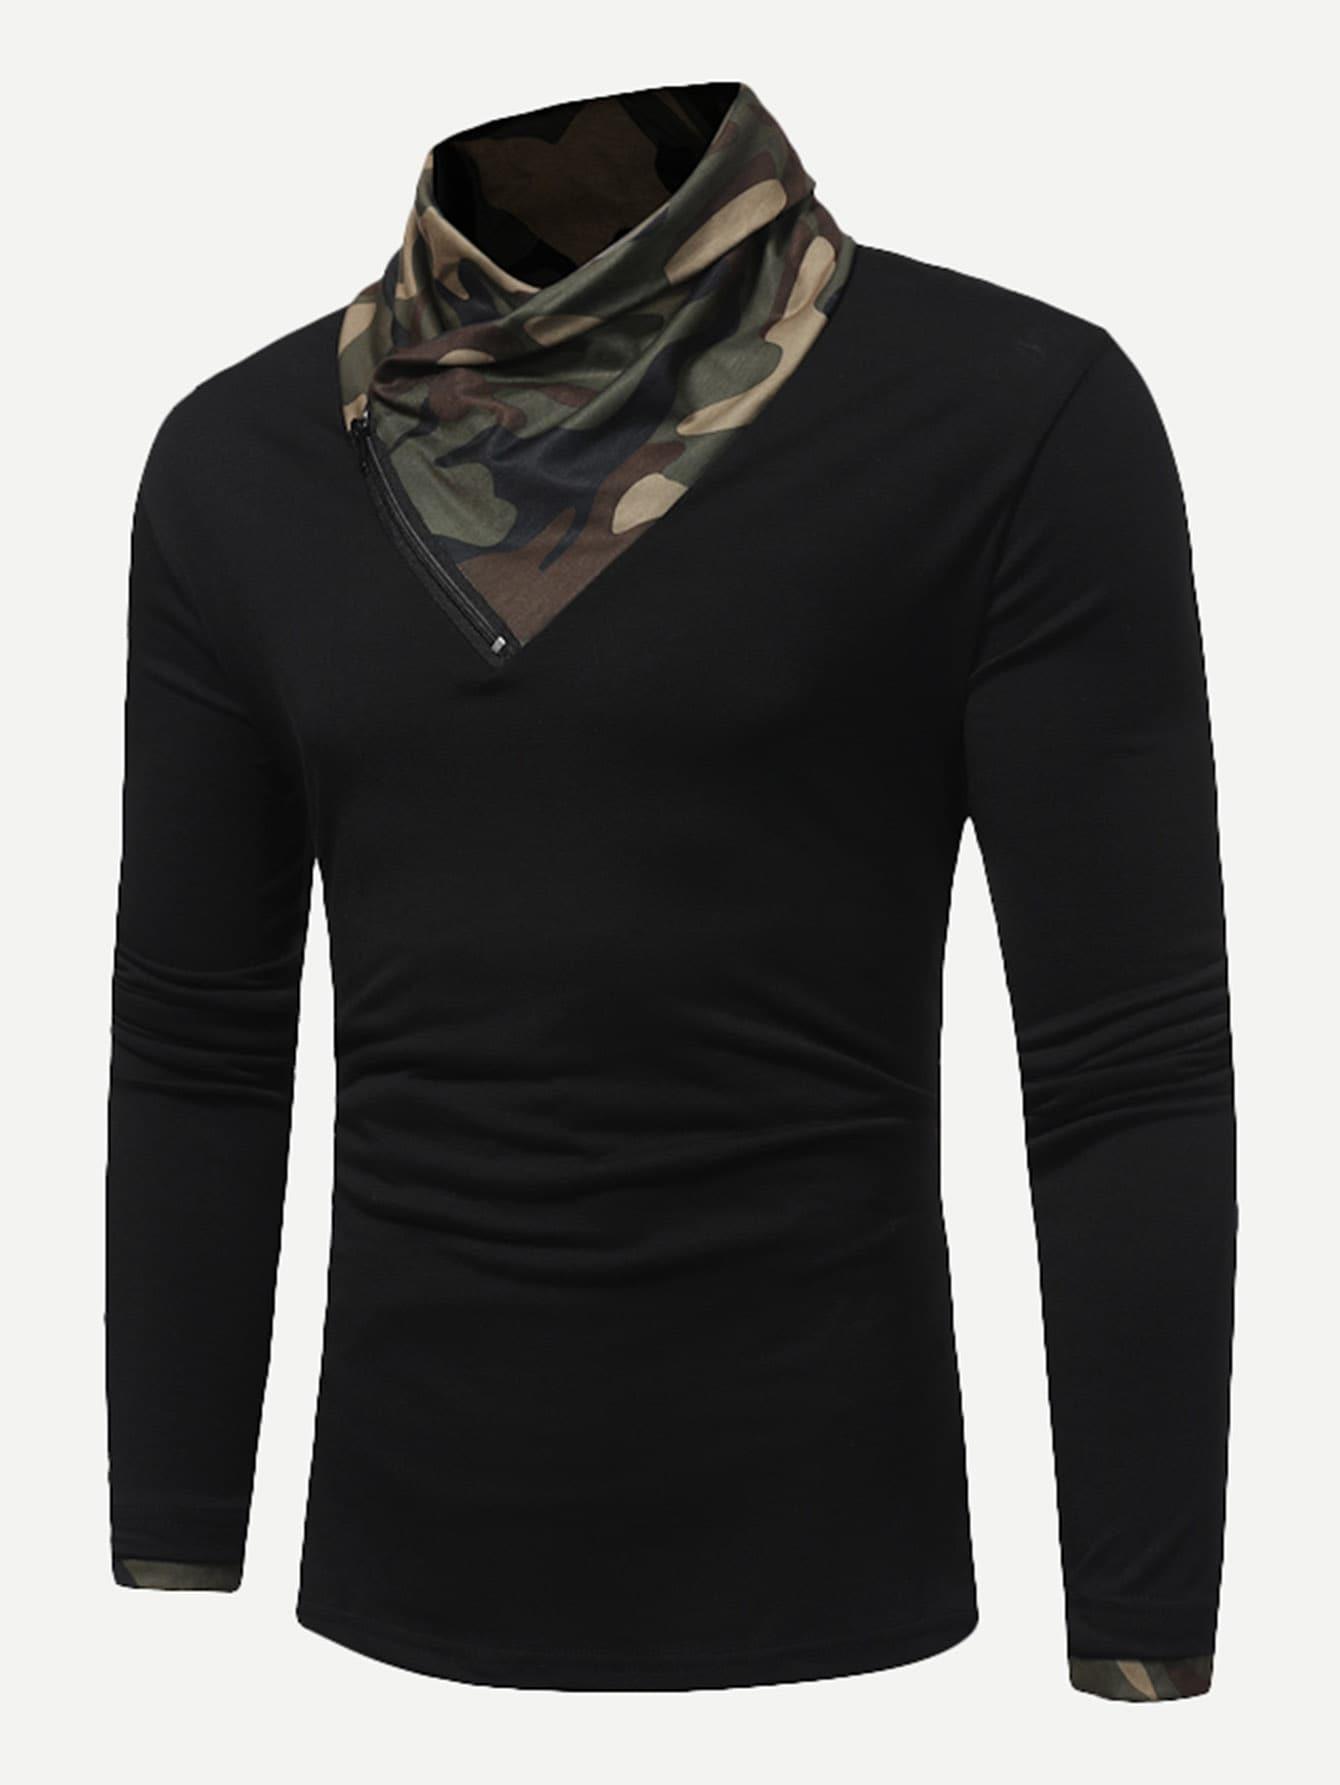 Купить Мужская камуфляжная футболка с застёжкой молния, null, SheIn